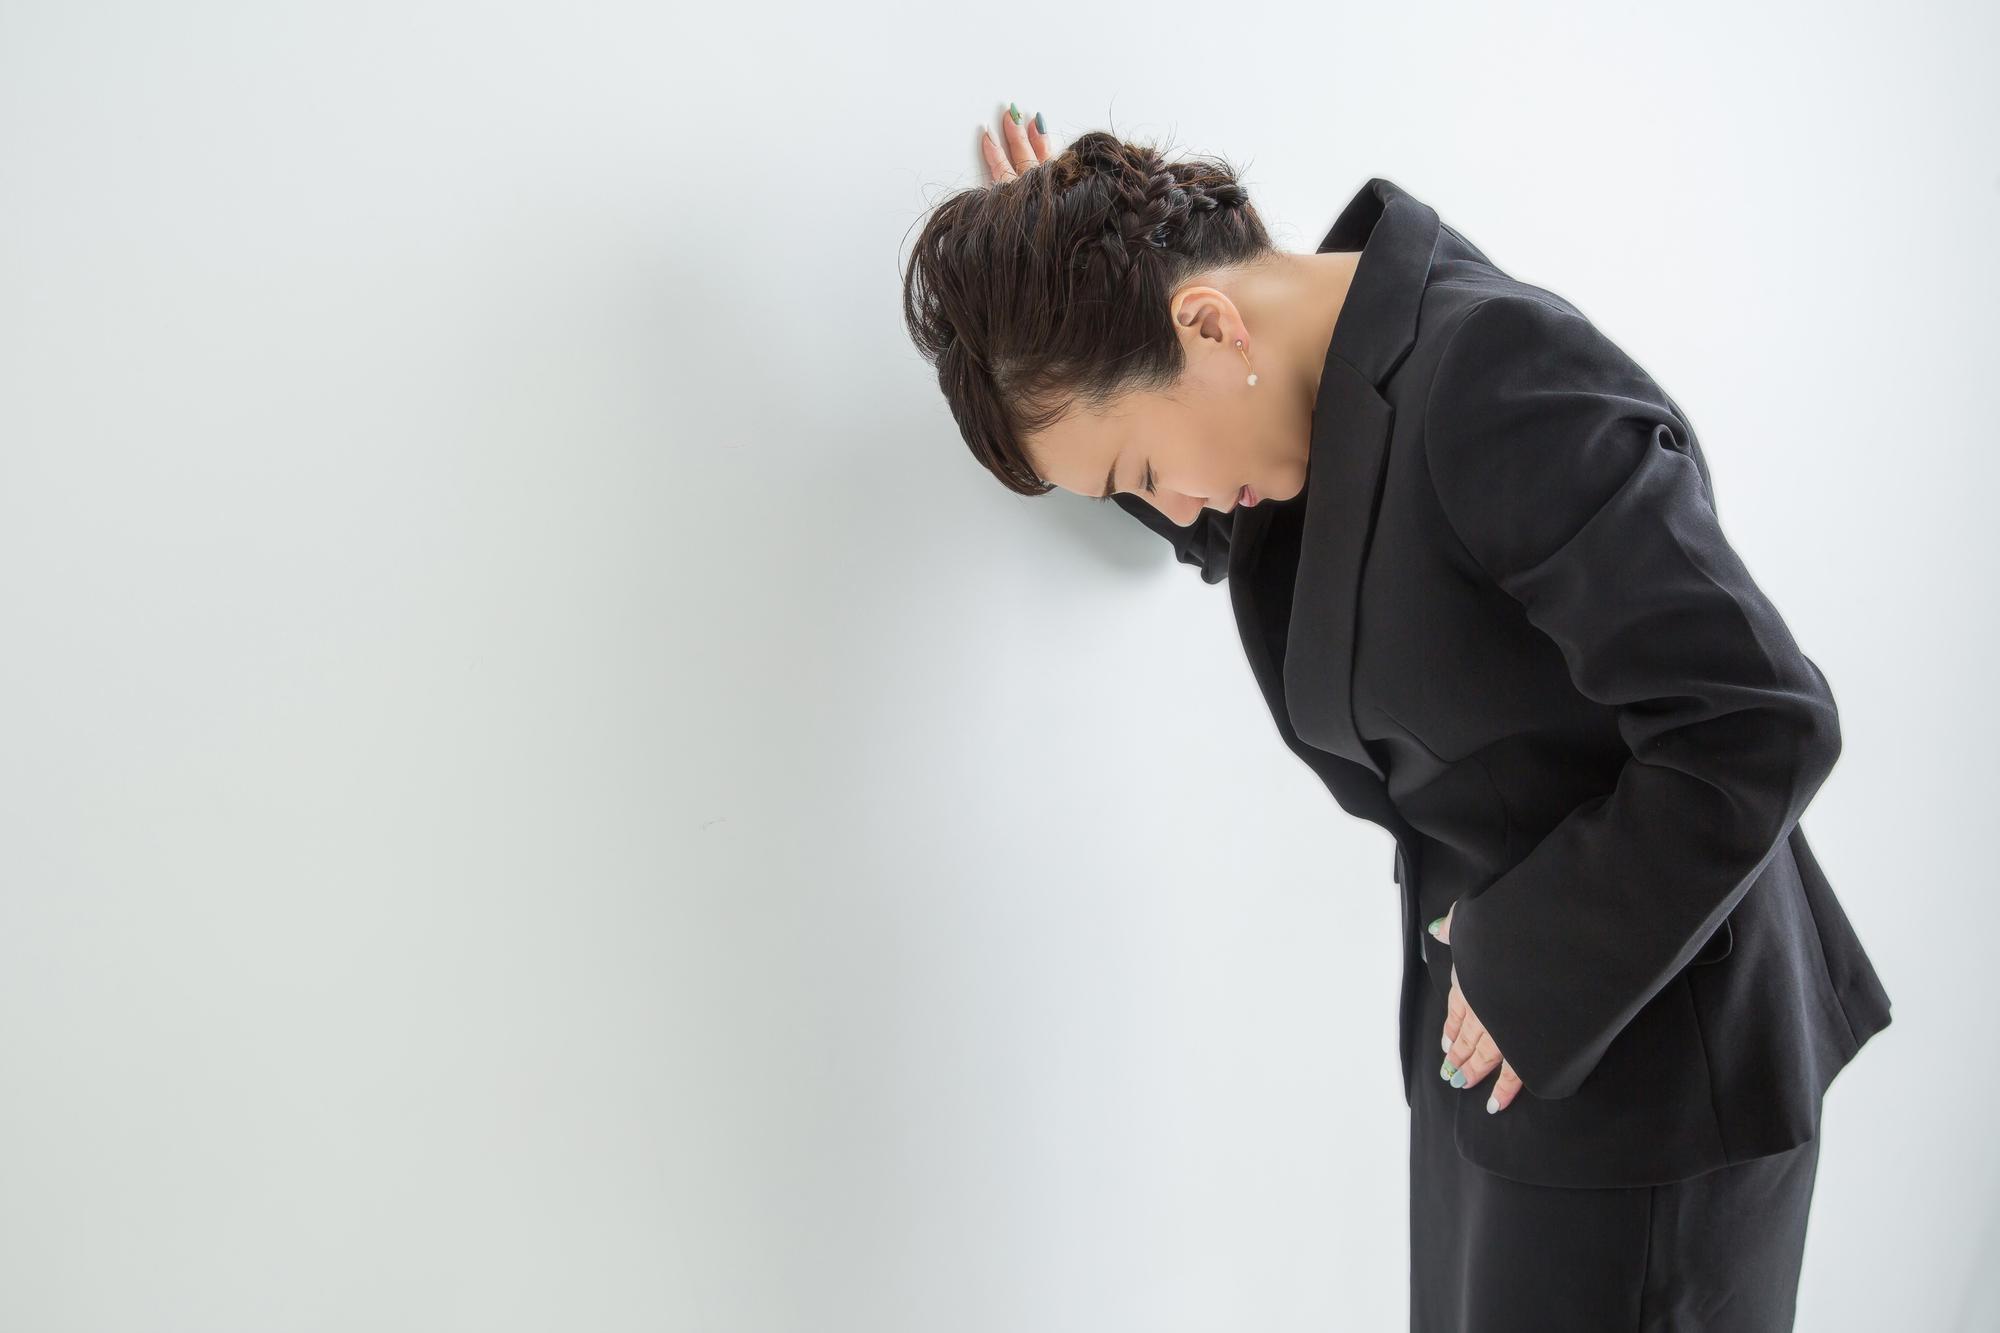 下痢が続いている原因は感染性腸炎かもしれません